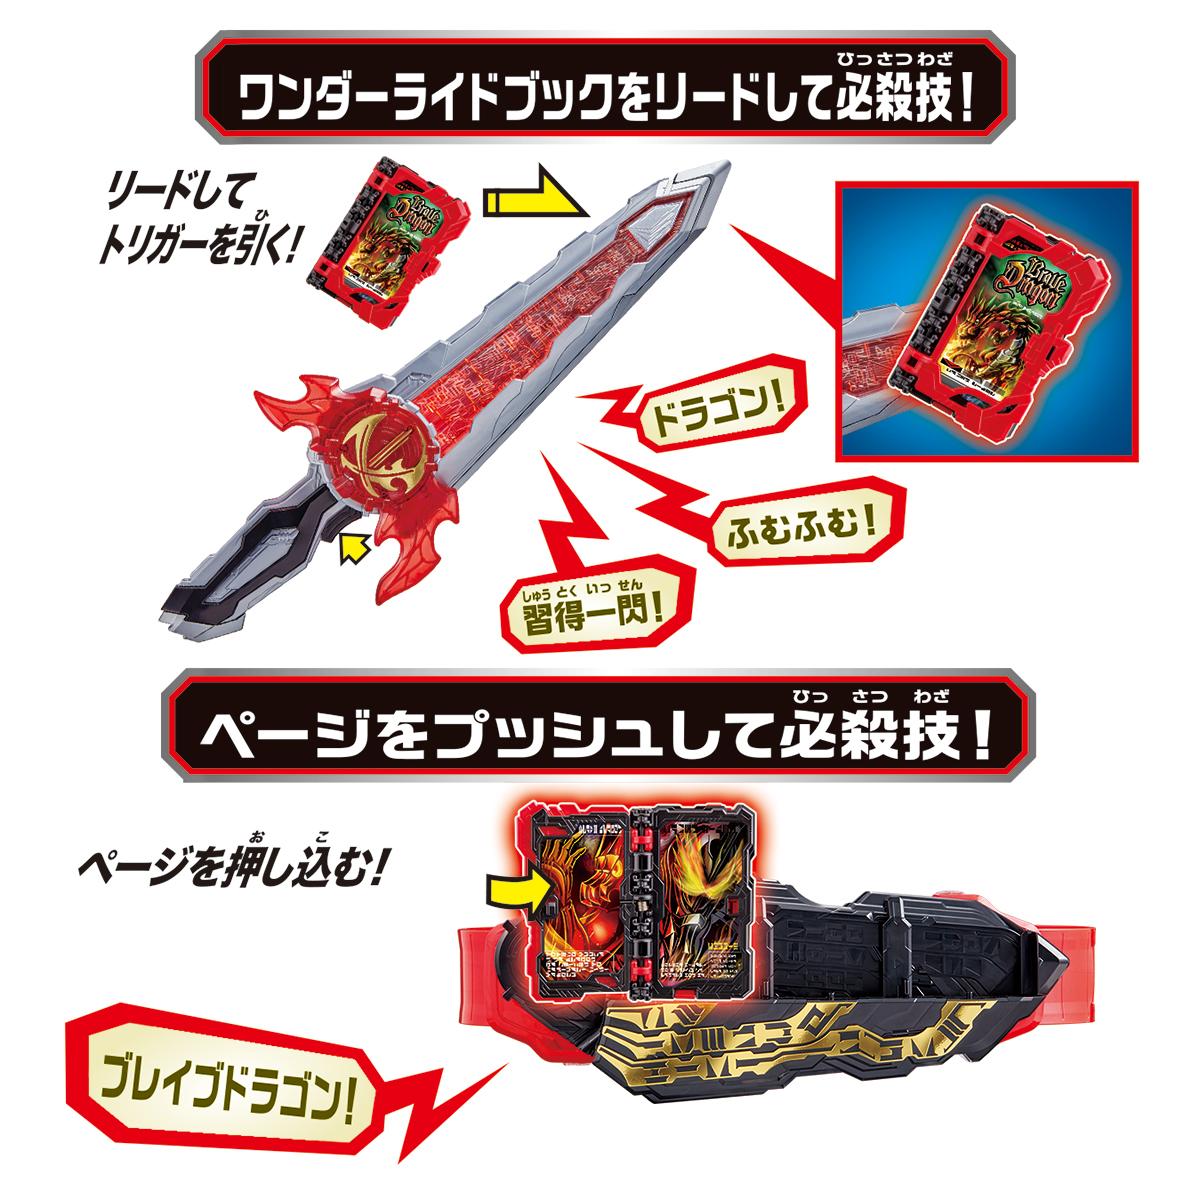 【先行抽選販売】変身ベルト『DX聖剣ソードライバー』仮面ライダーセイバー 変身なりきり-006